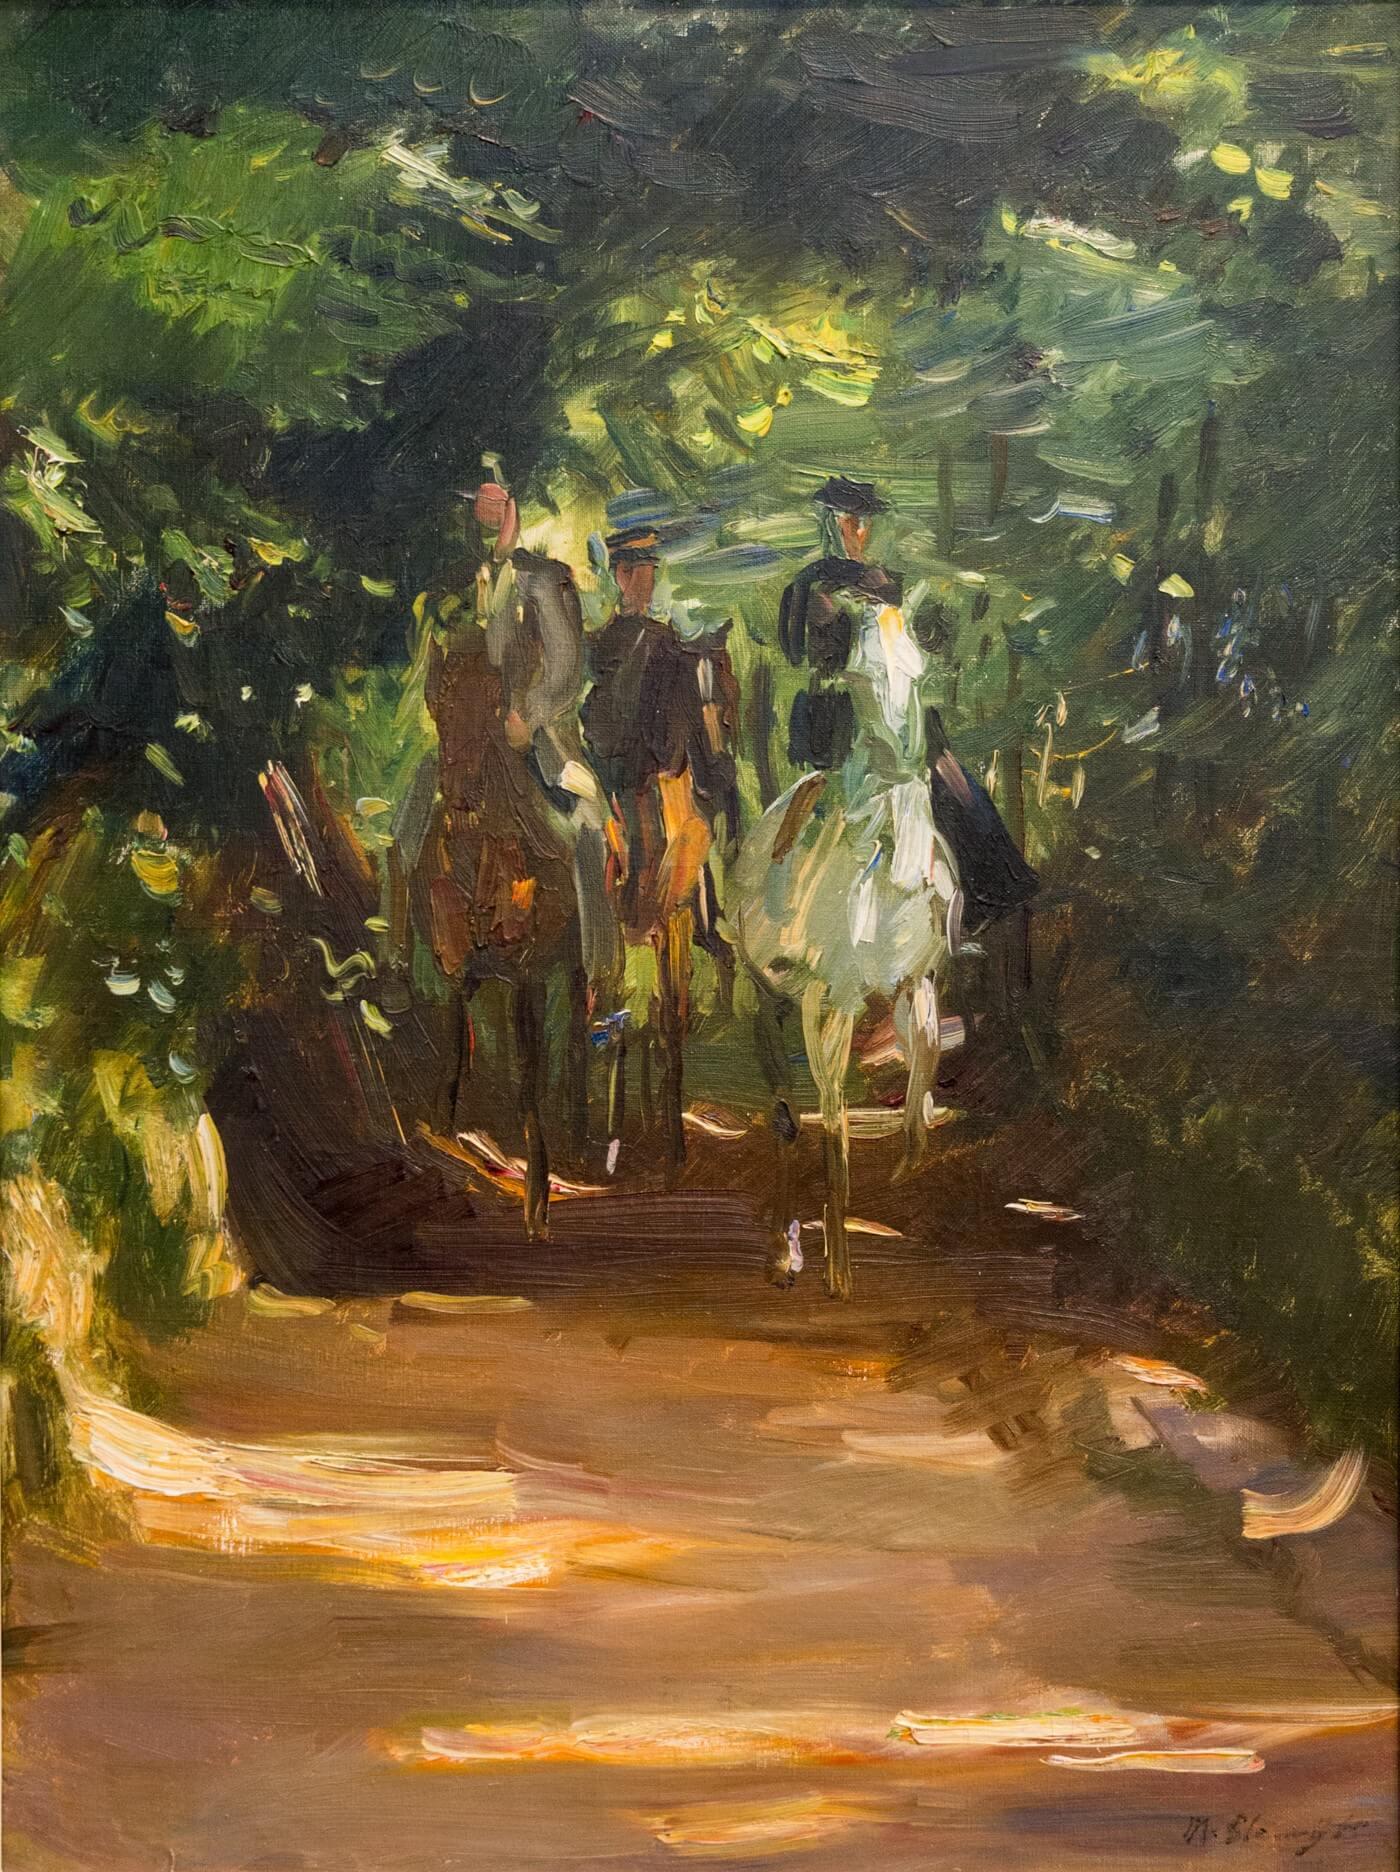 Max Slevogt, Reitergruppe im Wald (1902)